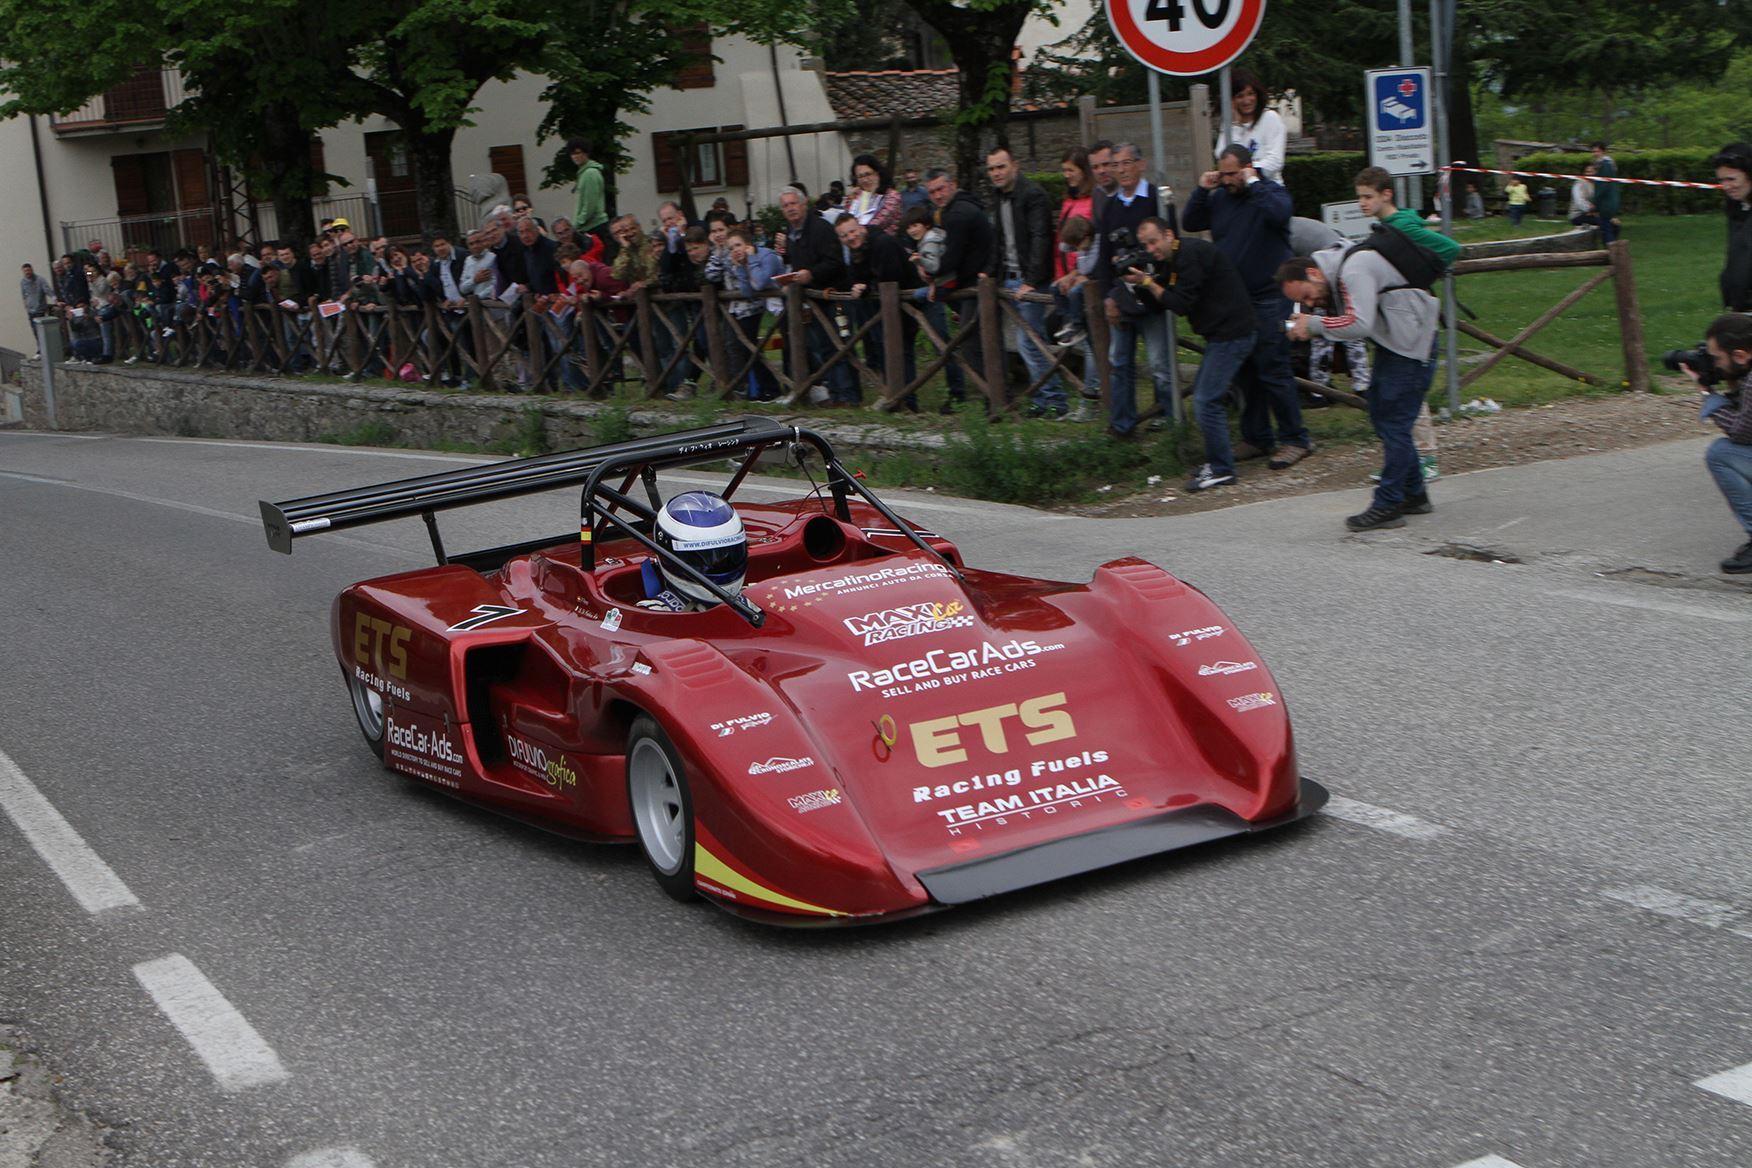 Stefano Di Fulvio (Osella Pa 9 10 Team Italia n 7